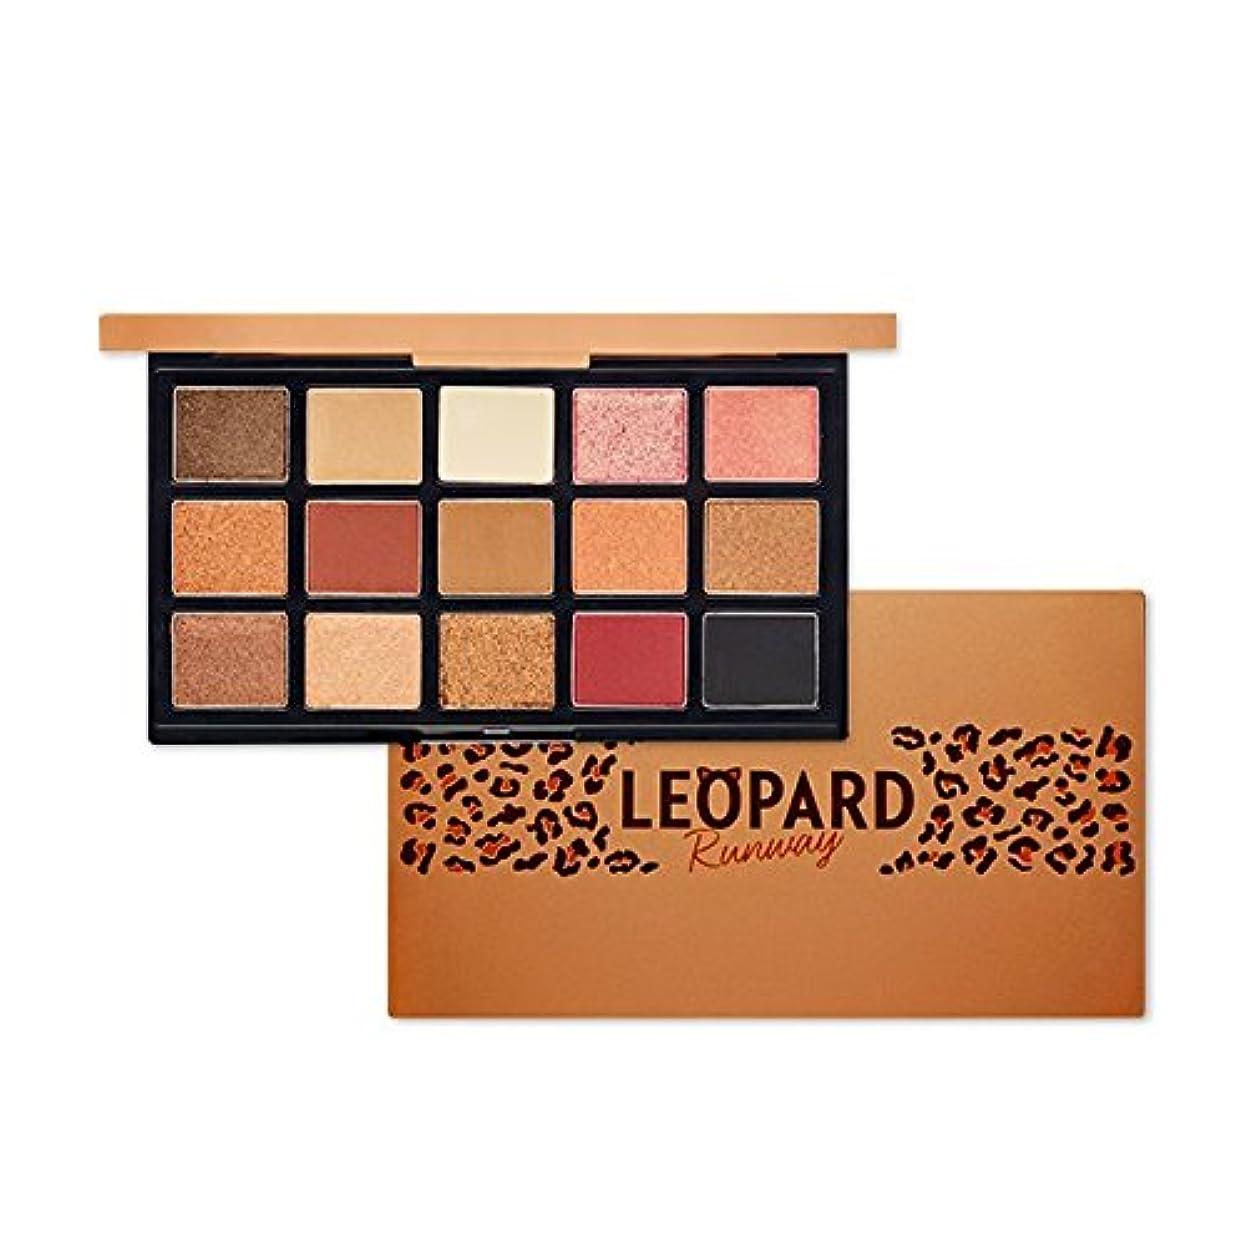 証言デコラティブわなETUDE HOUSE Play Color Eye Palette - Leopard Runway/エチュードハウスプレイカラーアイパレット - レオパードランウェイ [並行輸入品]